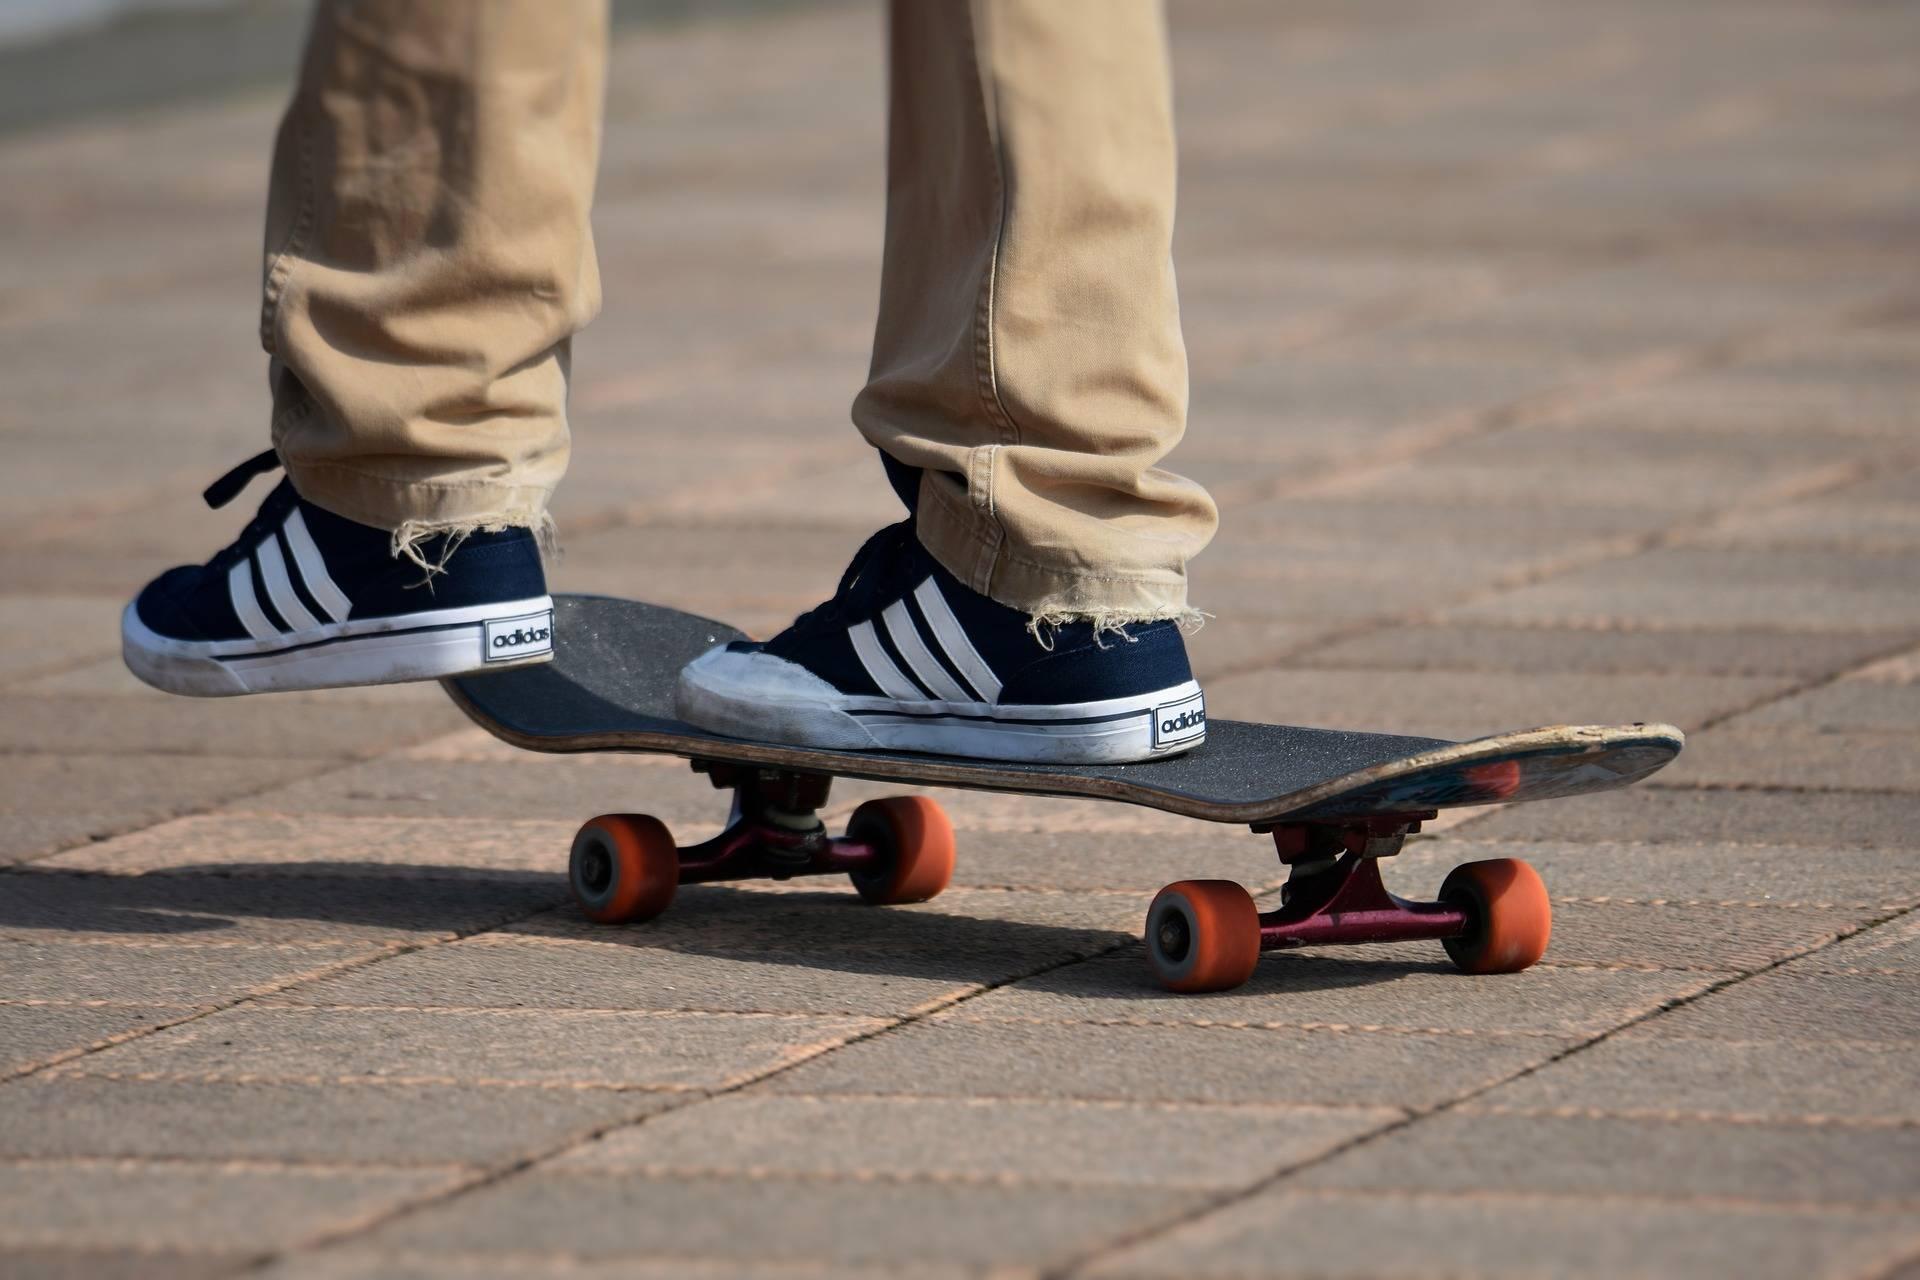 Как выбрать скейтборд для детей: уроки для начинающих, легкие трюки